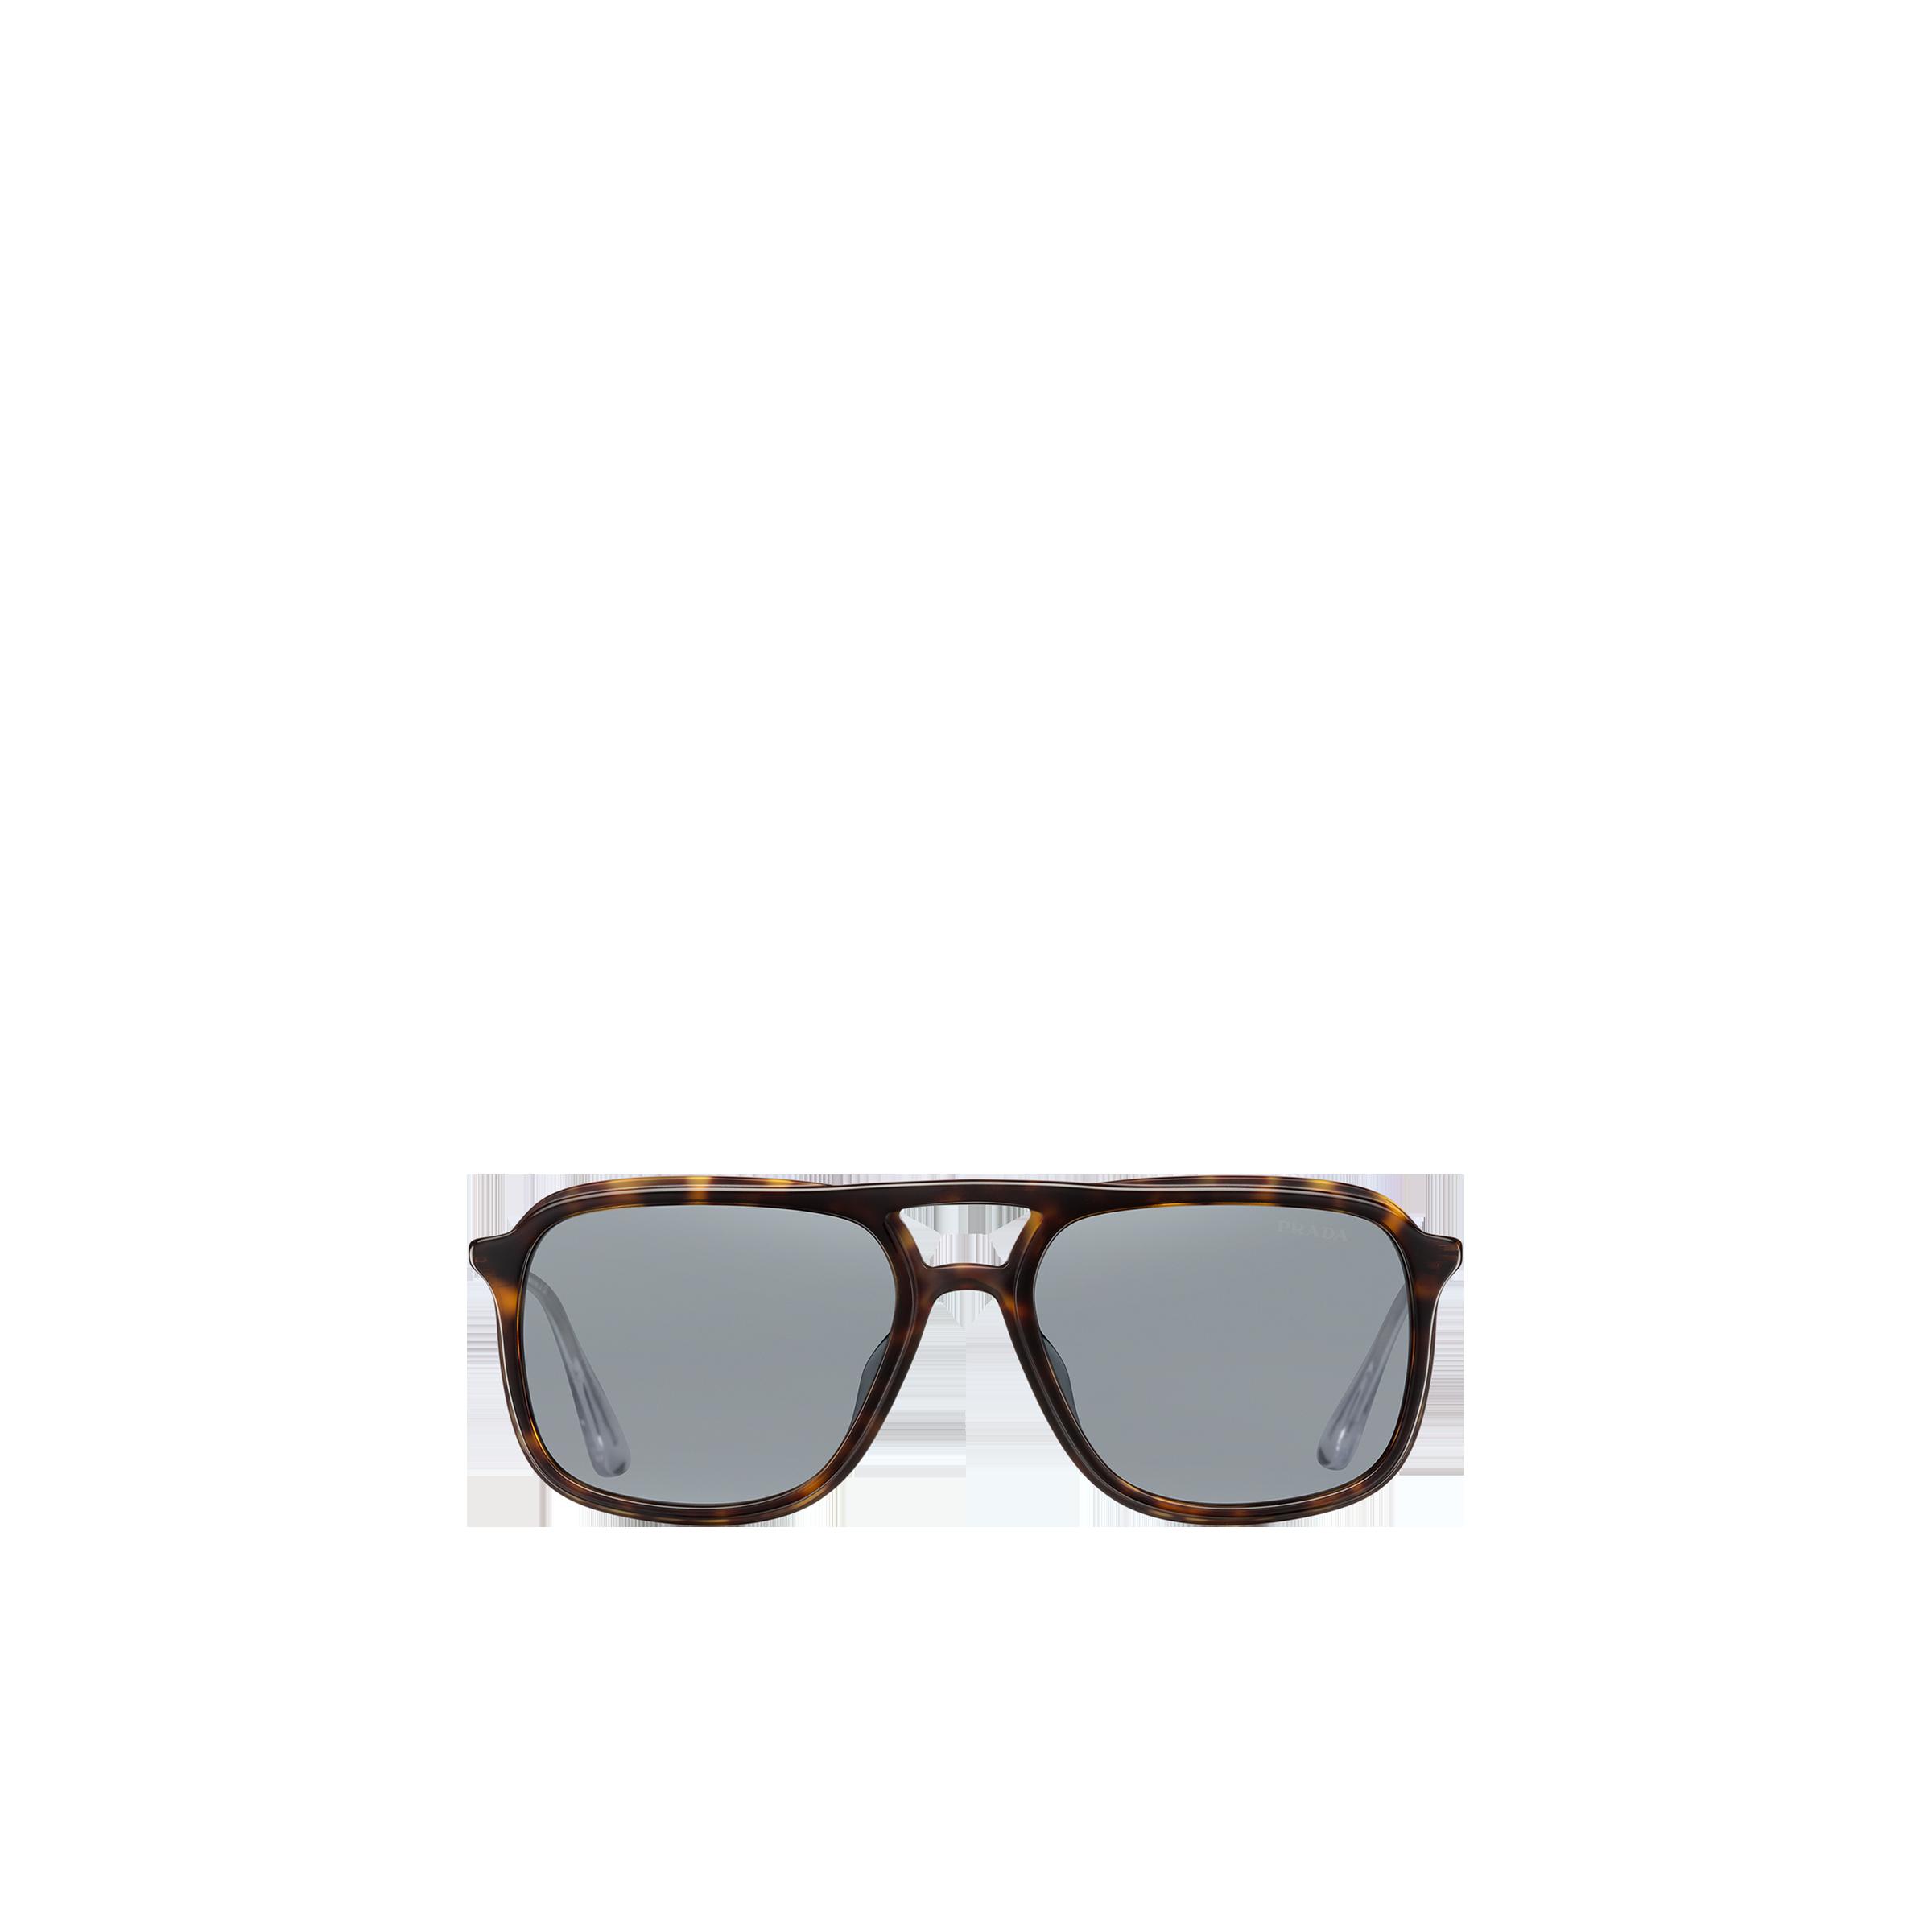 64333a228a6d Men s Sunglasses